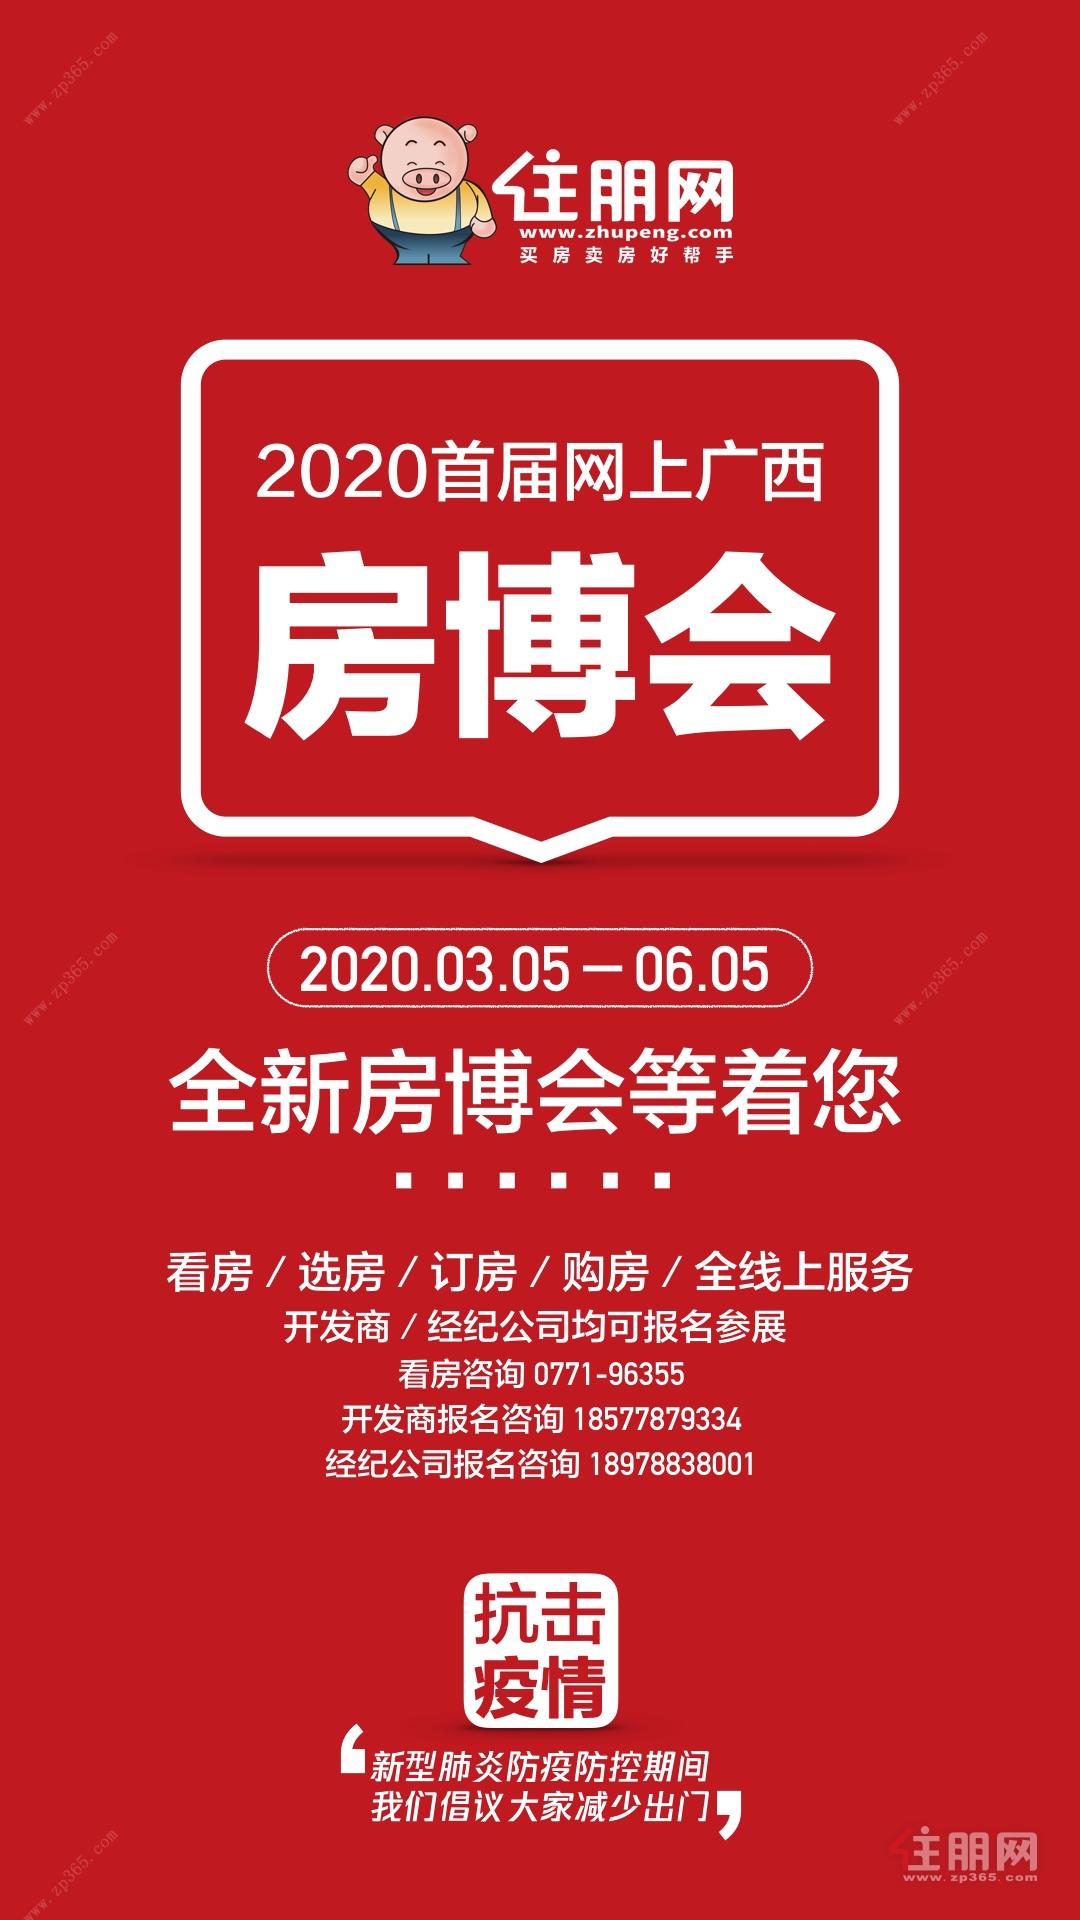 首届网上房博会海报.jpg